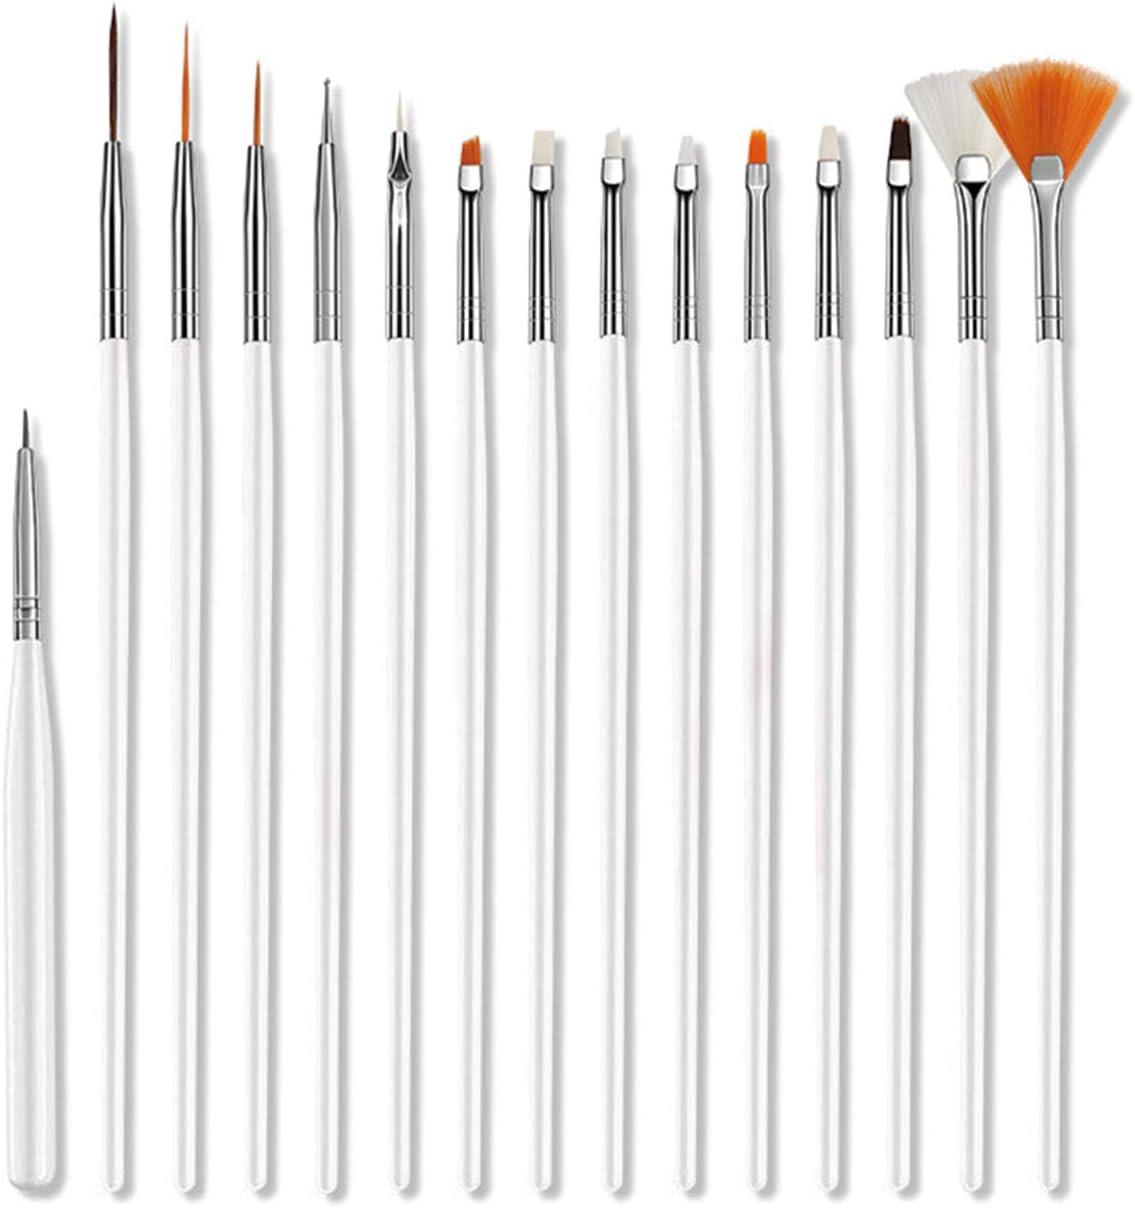 KRISMYA 30 Pcs Cake Painting Brushes,Baking Brushes for Decorating Fondant Sugar DIY Tools Set Food Paint Brushes Cake Decorating Brushes Tools(Set of 2)